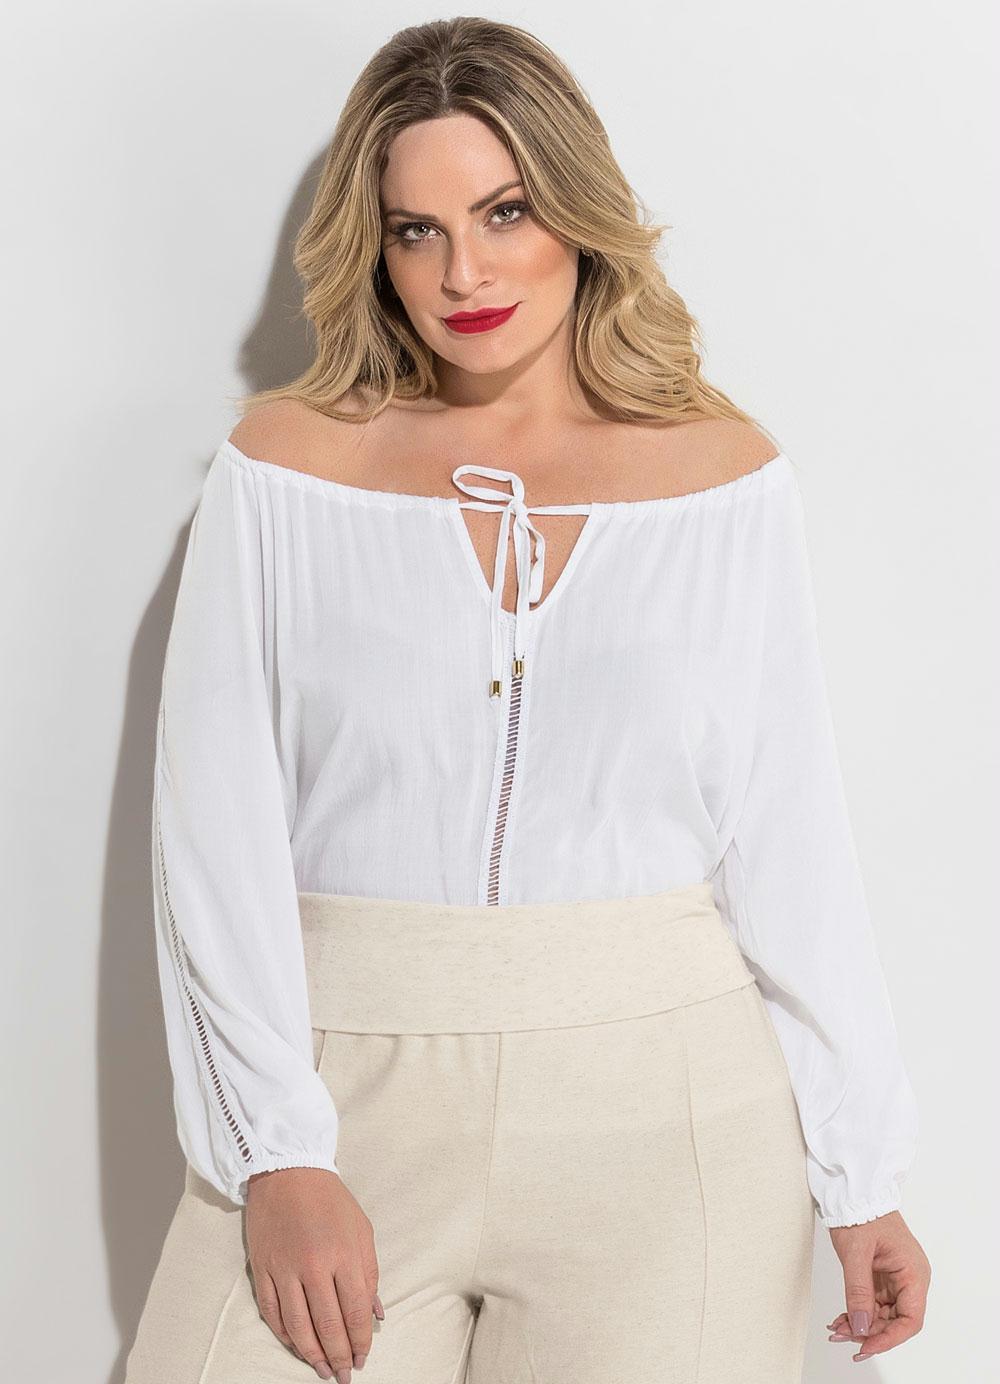 71fbfe081a Blusa Ombro a Ombro Branca Plus Size Quintess - Quintess